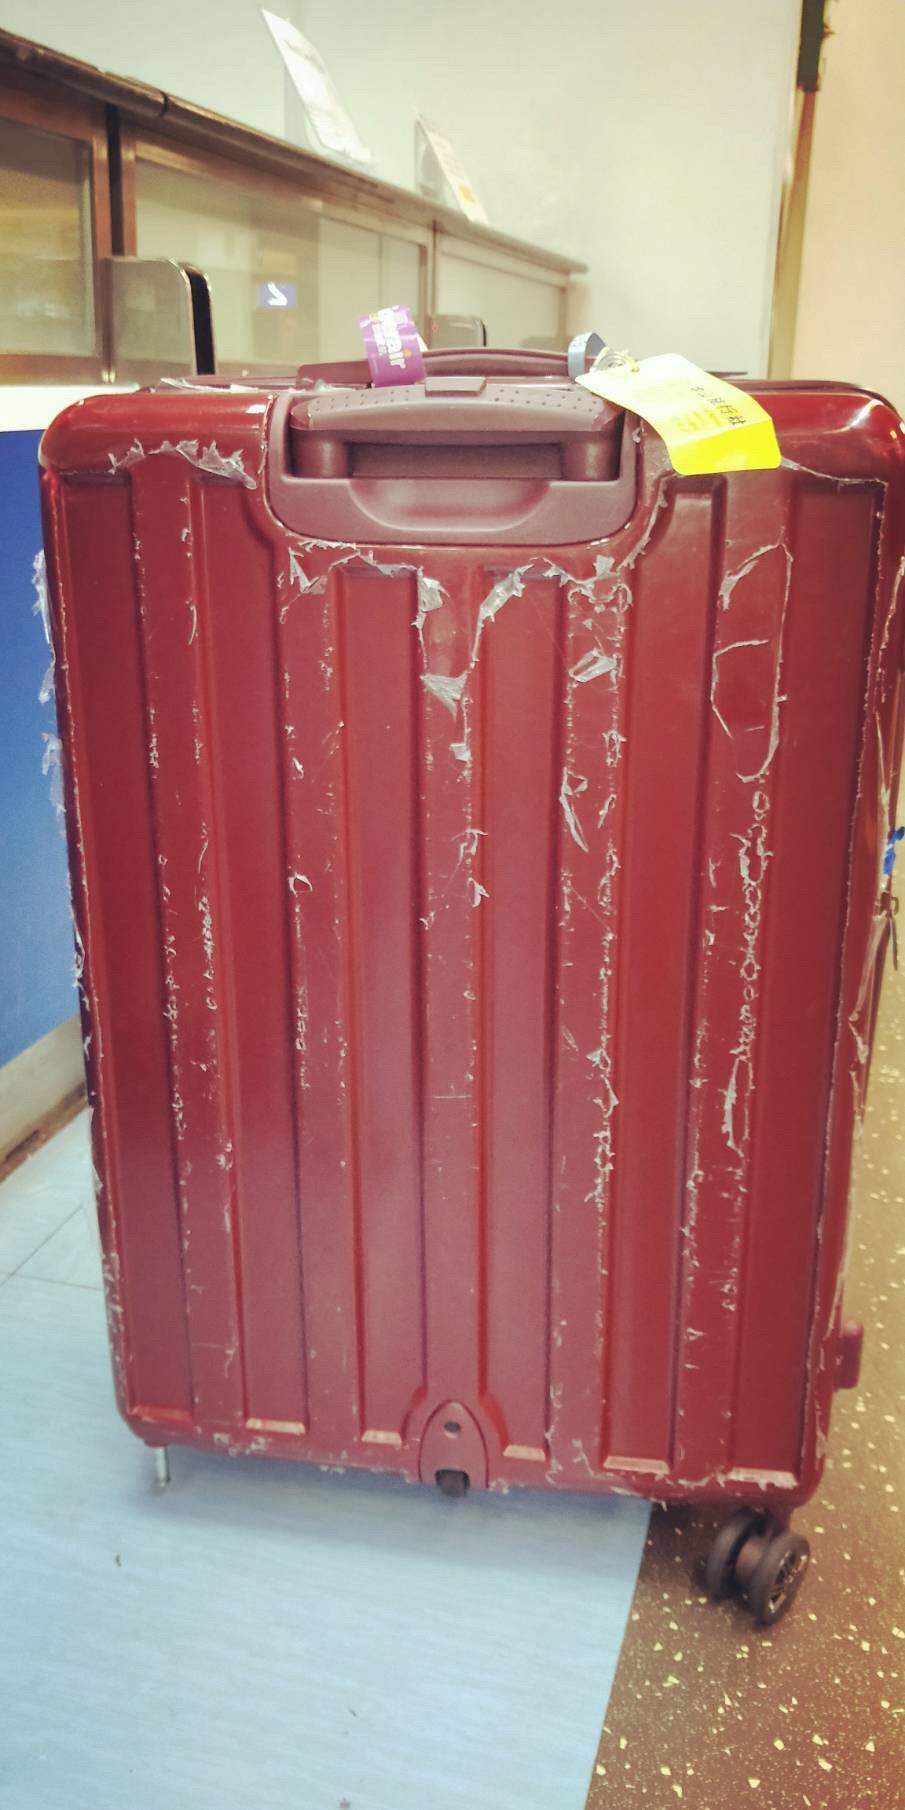 民眾投訴行李箱在運送過程中受損,台灣虎航拒絕賠償。(記者鄭景議翻攝)